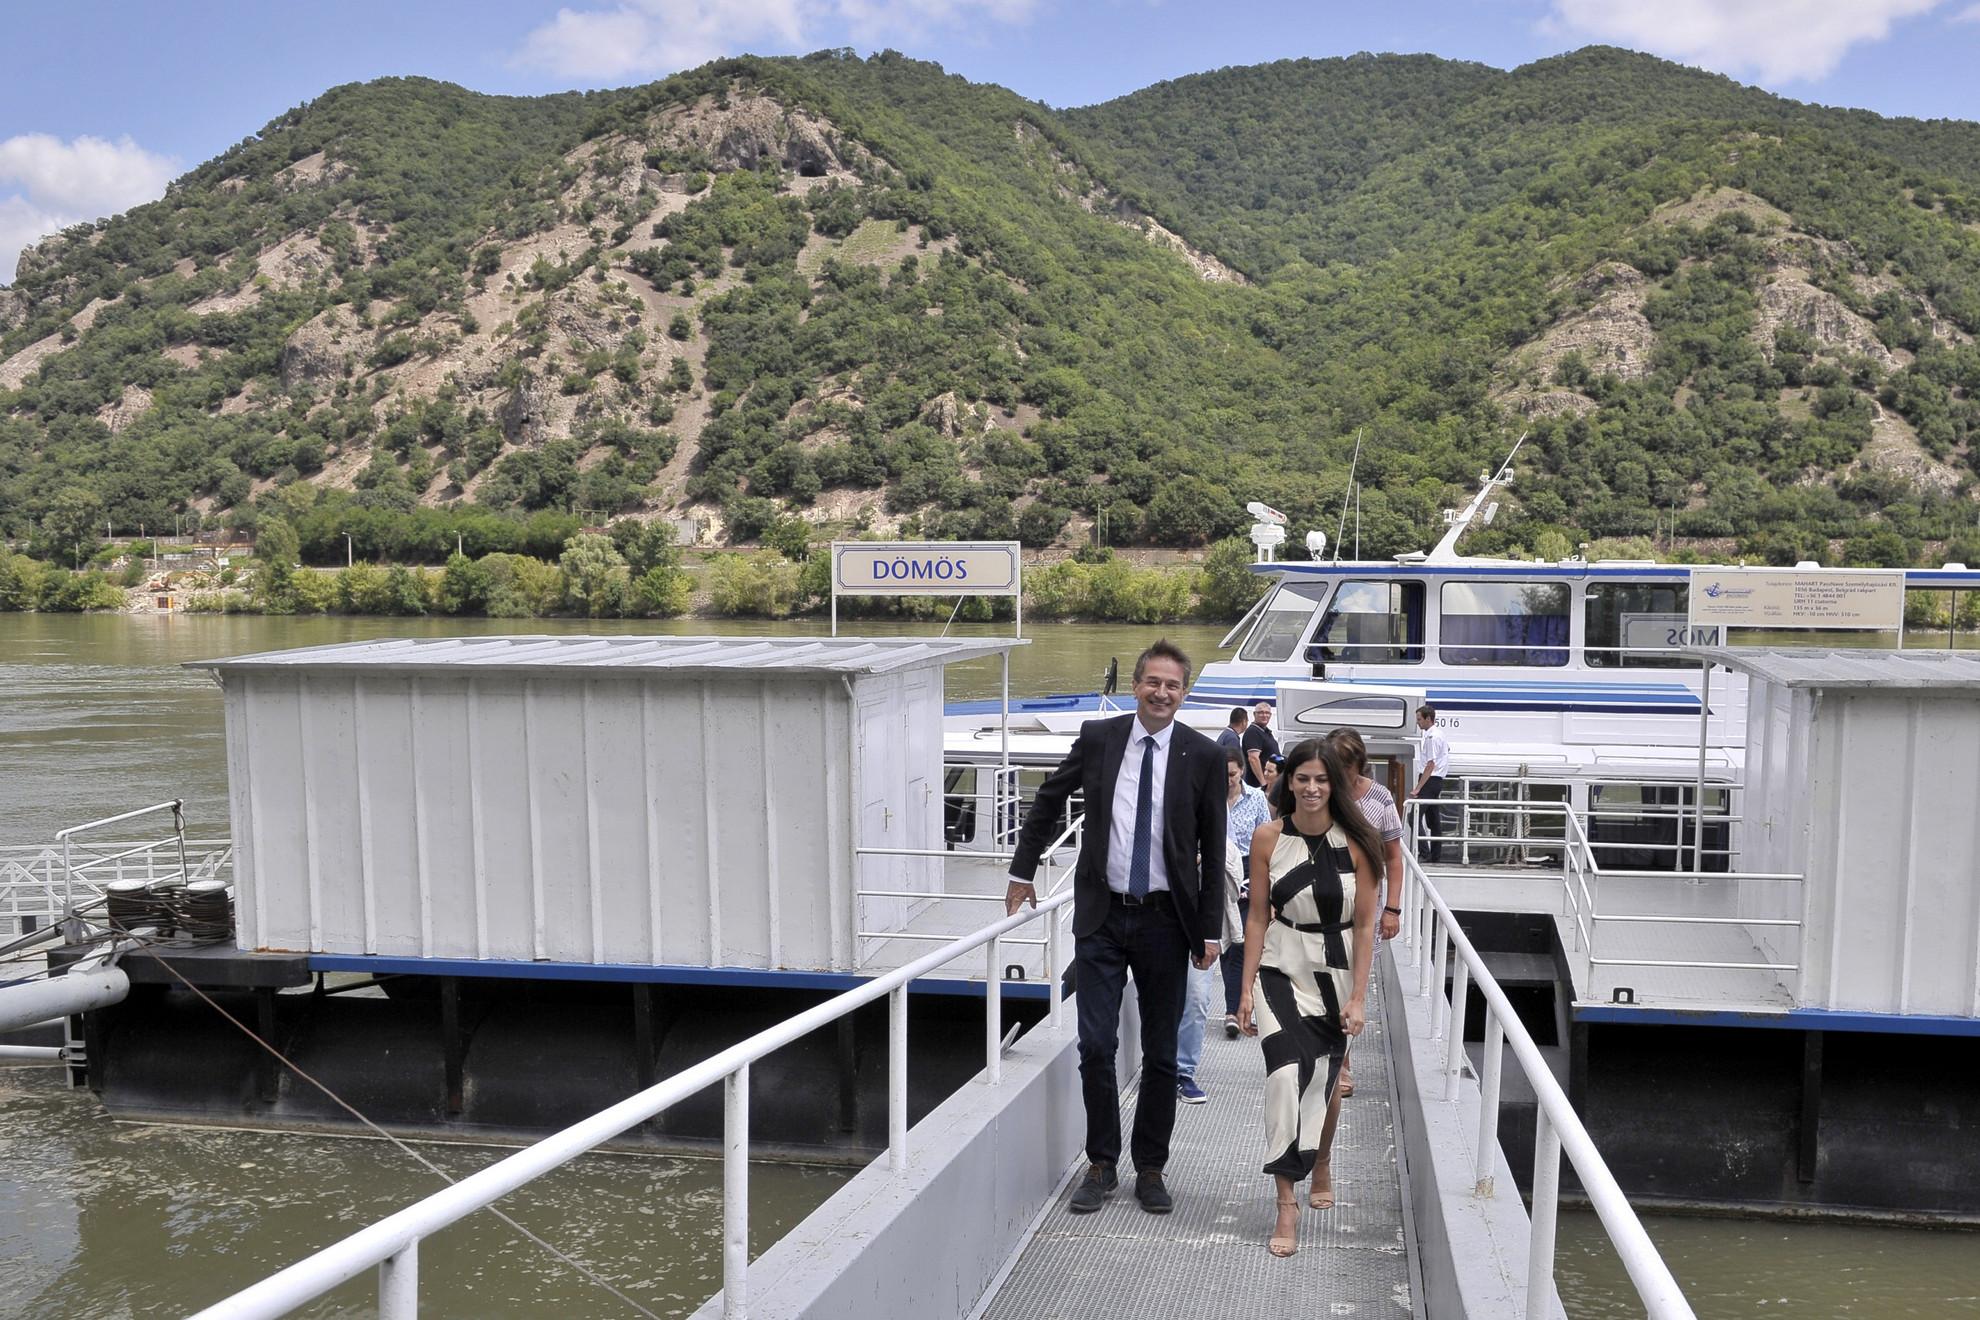 Völner Pál, az Igazságügyi Minisztérium (IM) parlamenti államtitkára és Szentkirályi Alexandra kormányszóvivő kiszáll az Esztergom hajóról egy rövid hajókirándulás után a dömösi kikötőben